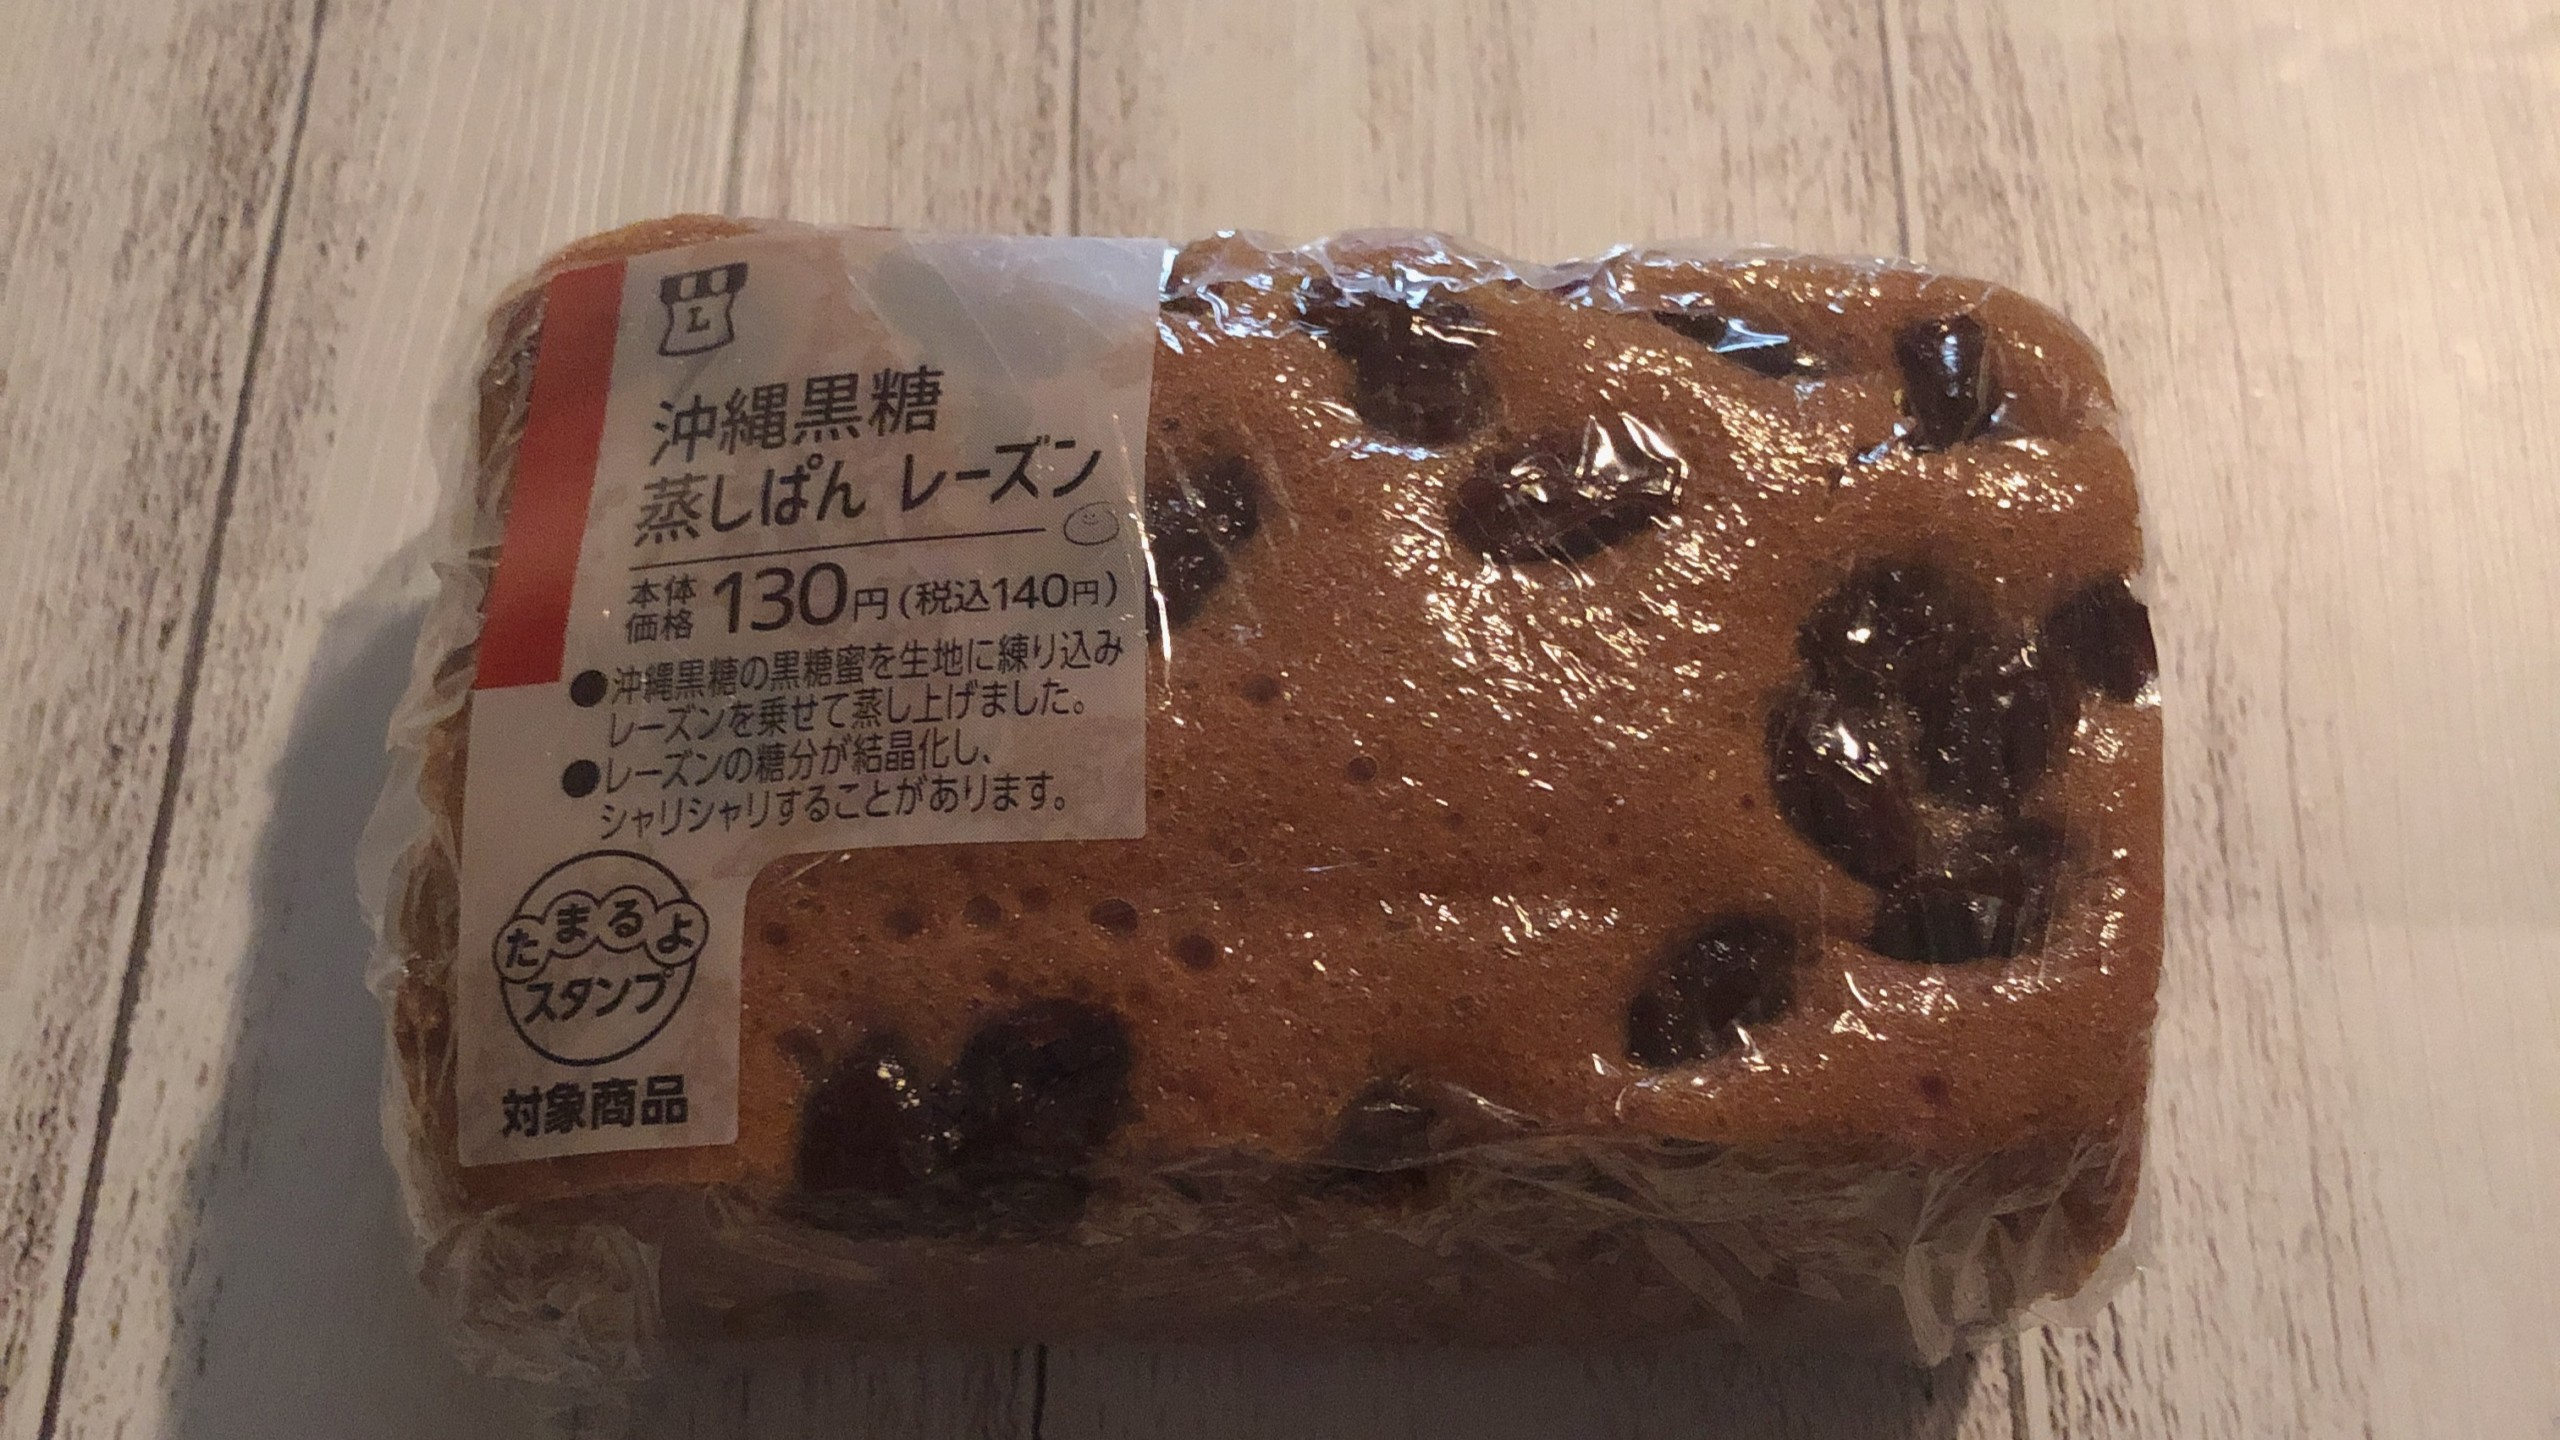 【ローソン】沖縄黒糖蒸しぱんレーズンを実食!カロリーや価格も紹介